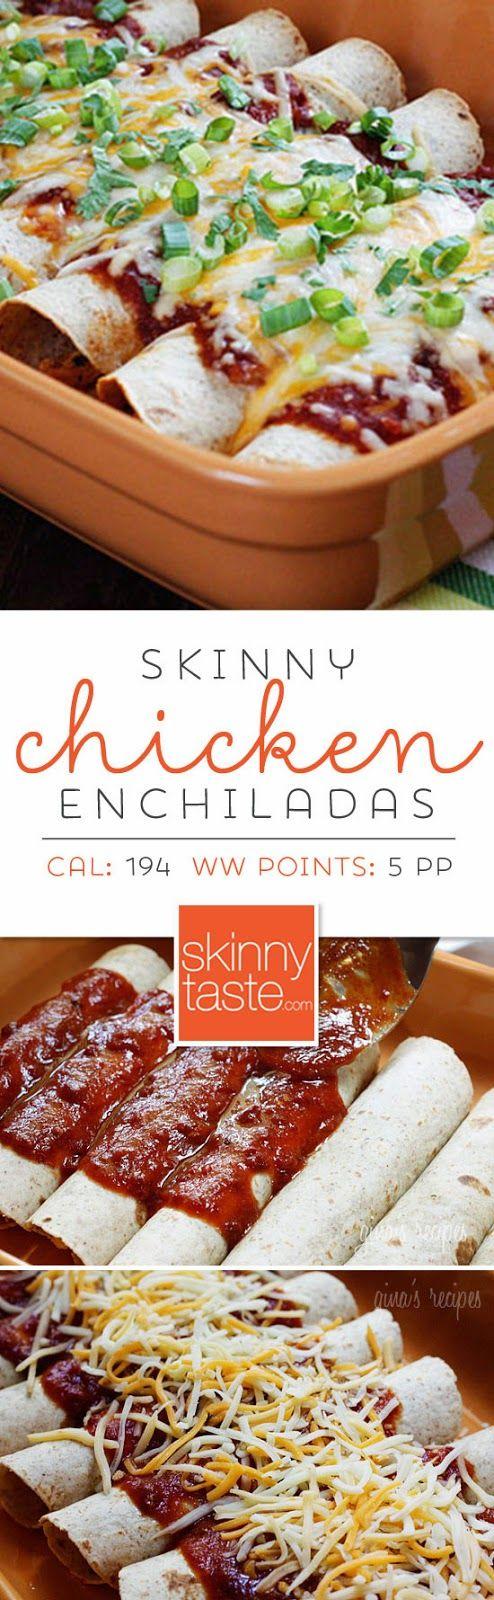 Enchiladas au poulet maigre